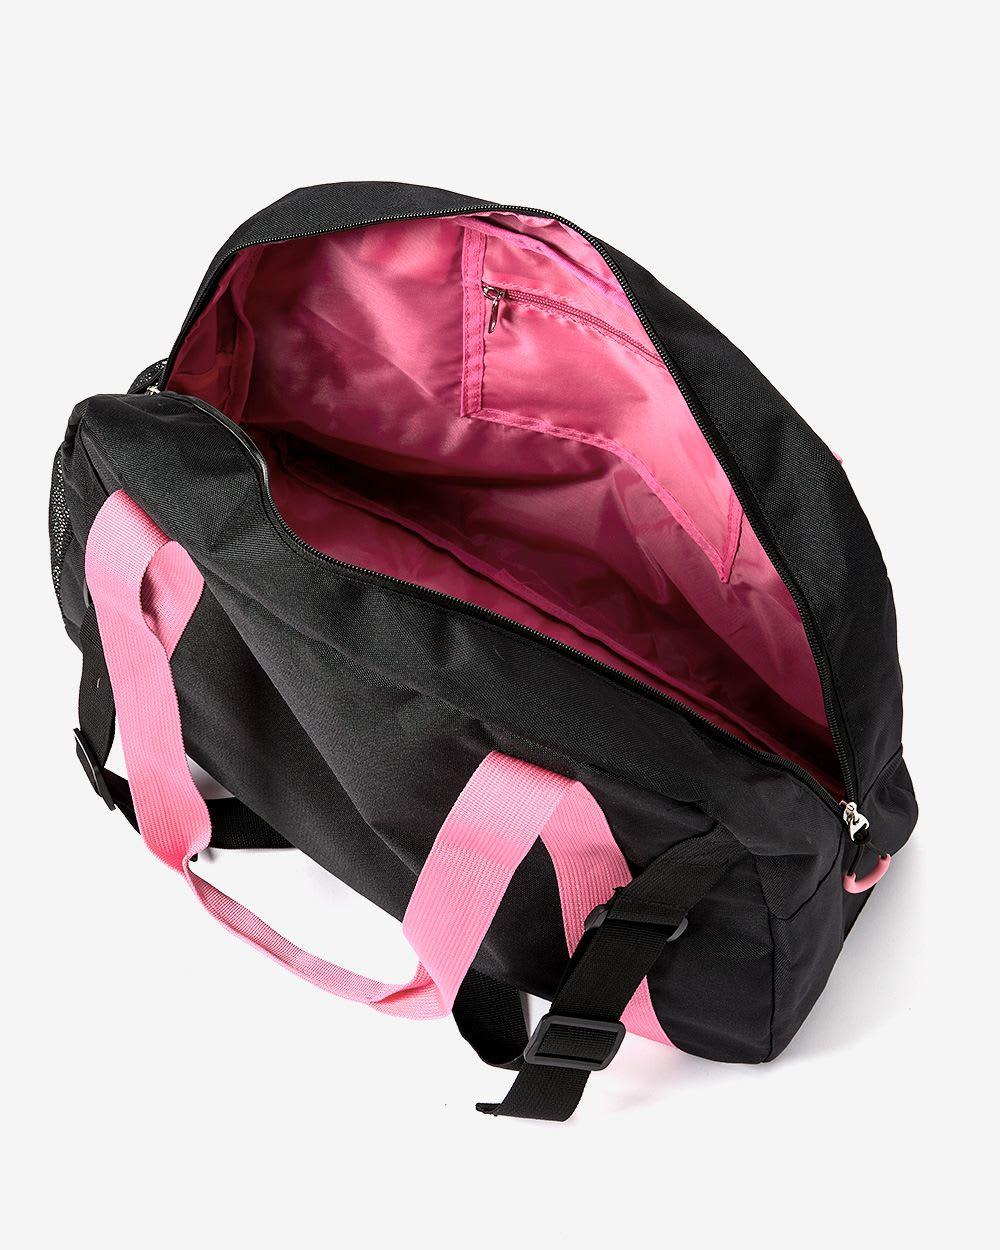 Hyba Woven Gym Bag  5de5ef5fada50